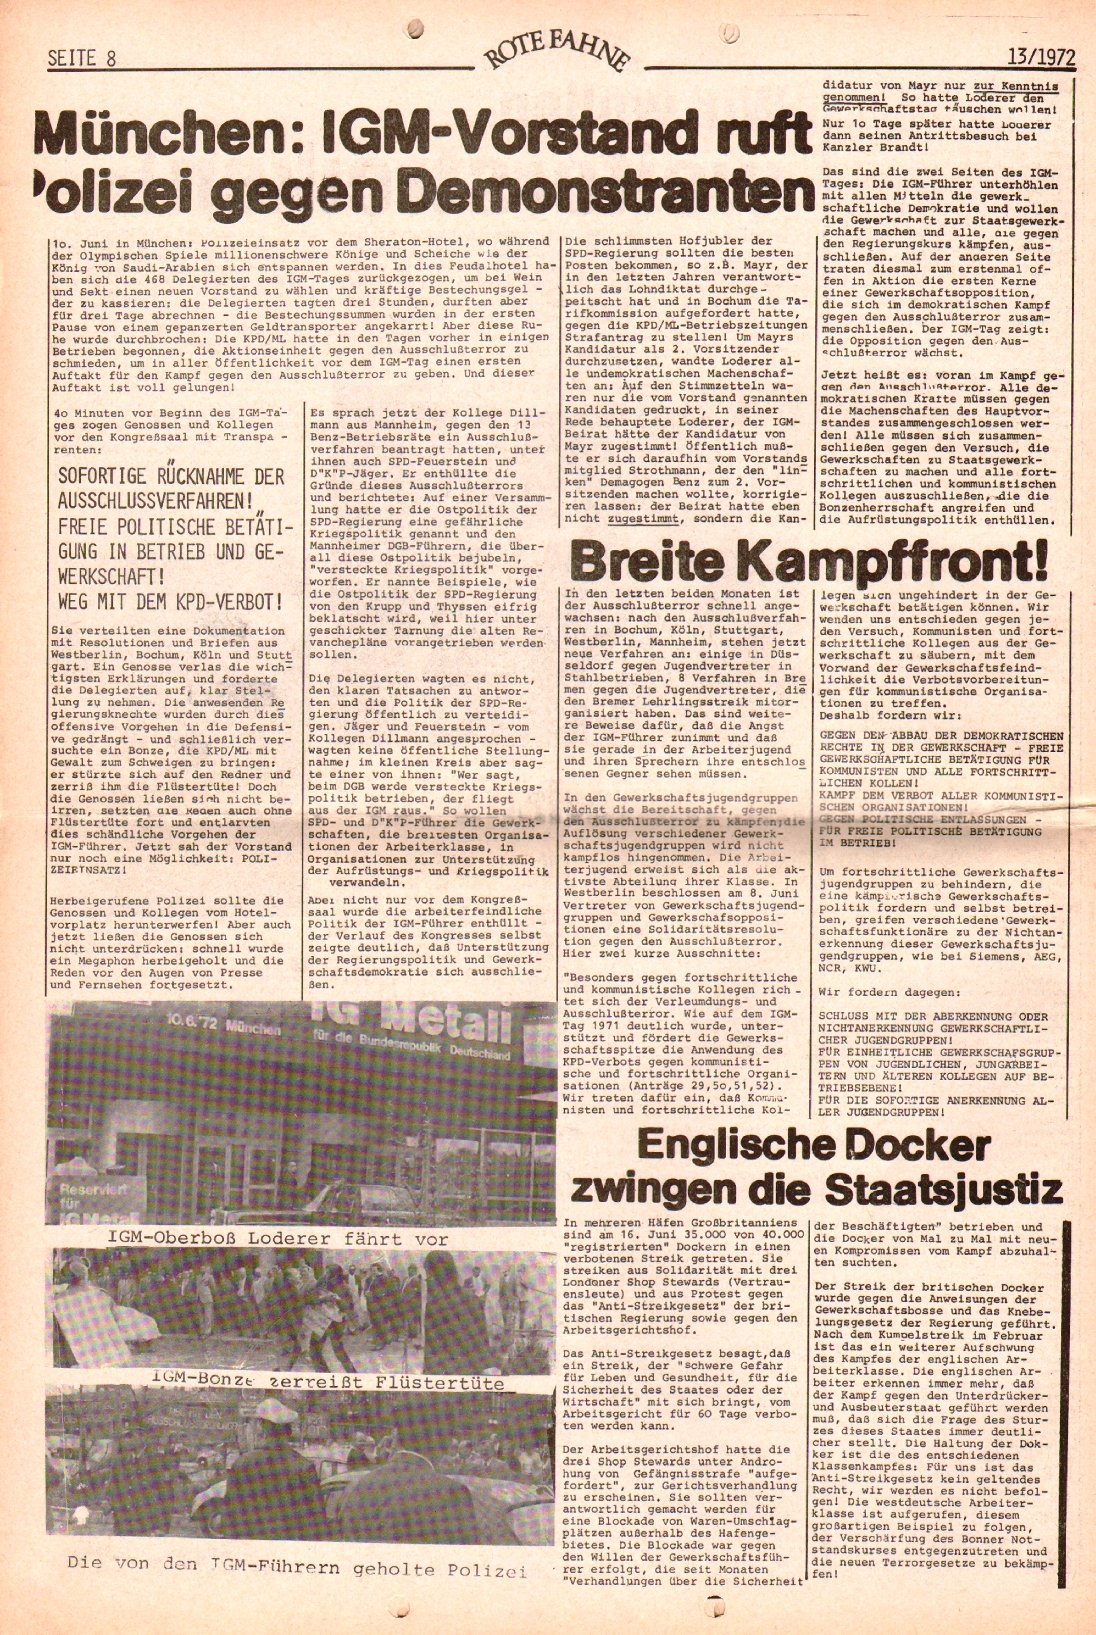 Rote Fahne, 3. Jg., 28.6.1972, Nr. 13, Seite 8